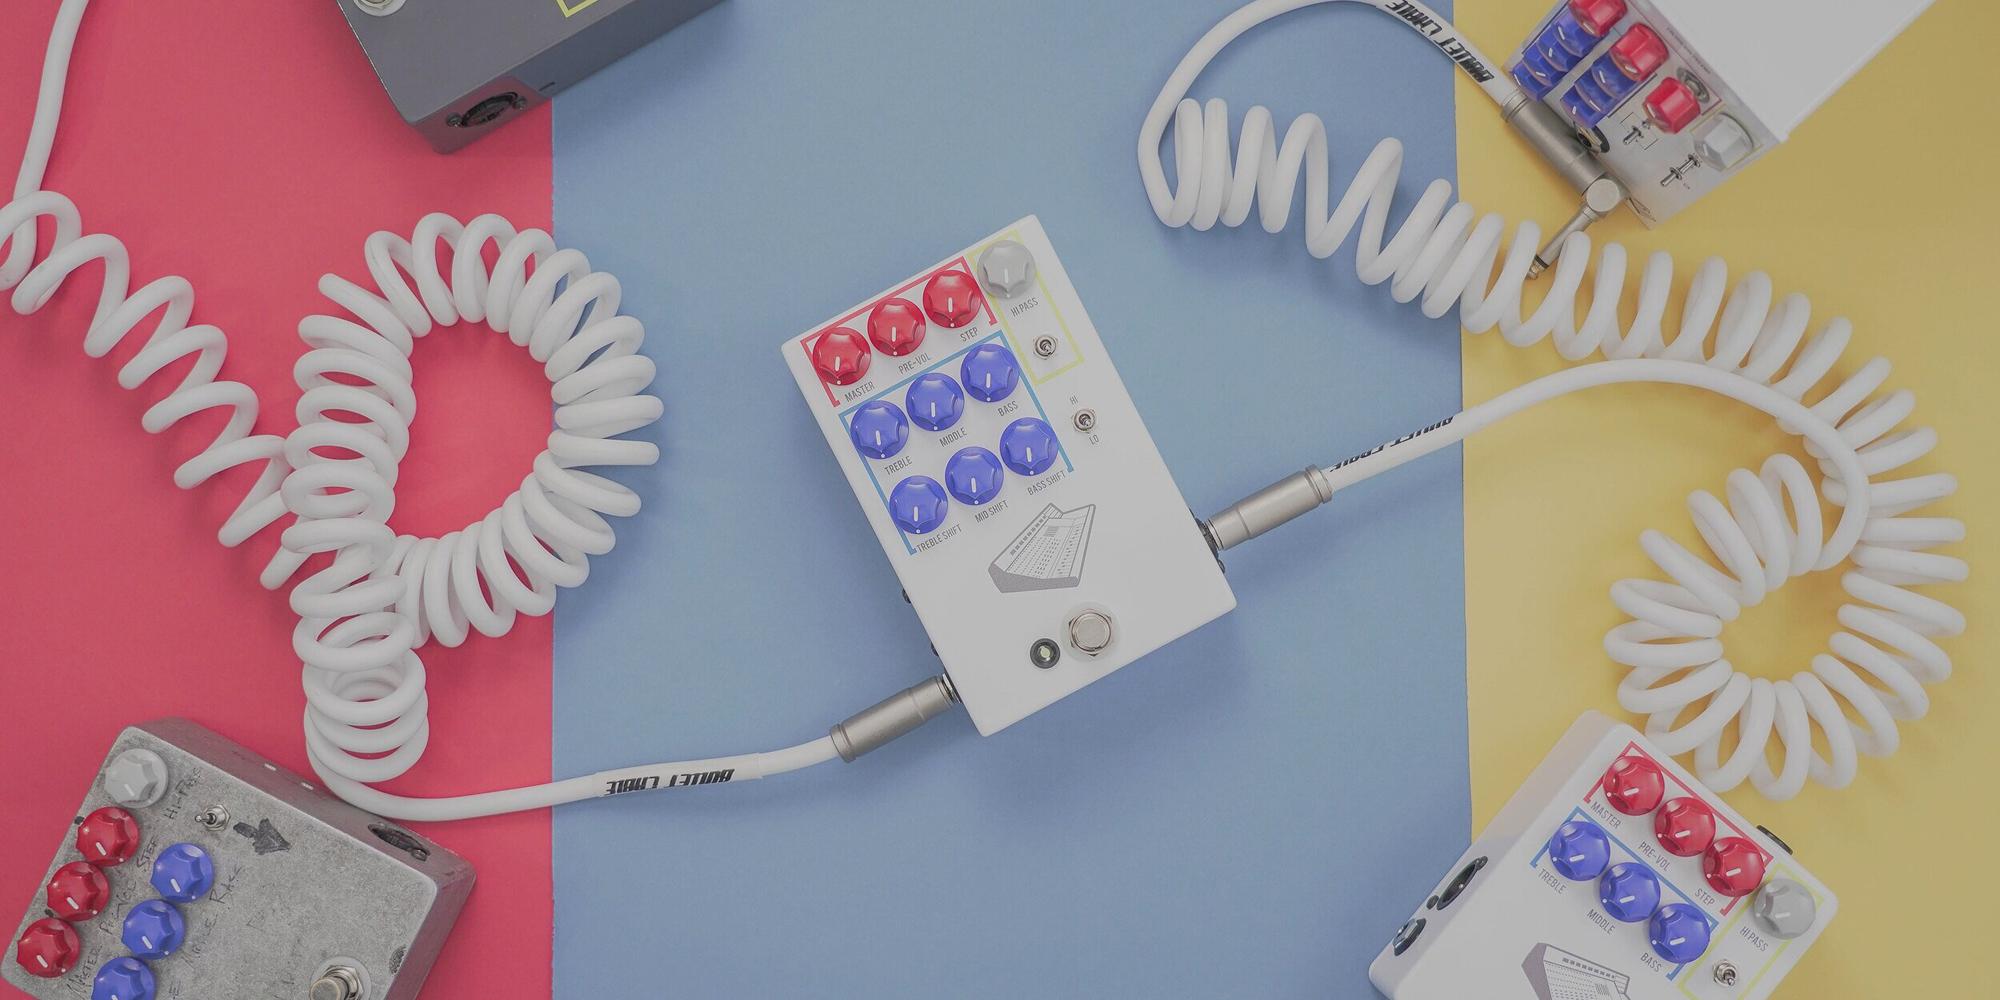 JHS Pedals 新製品 Colour Box V2 発売